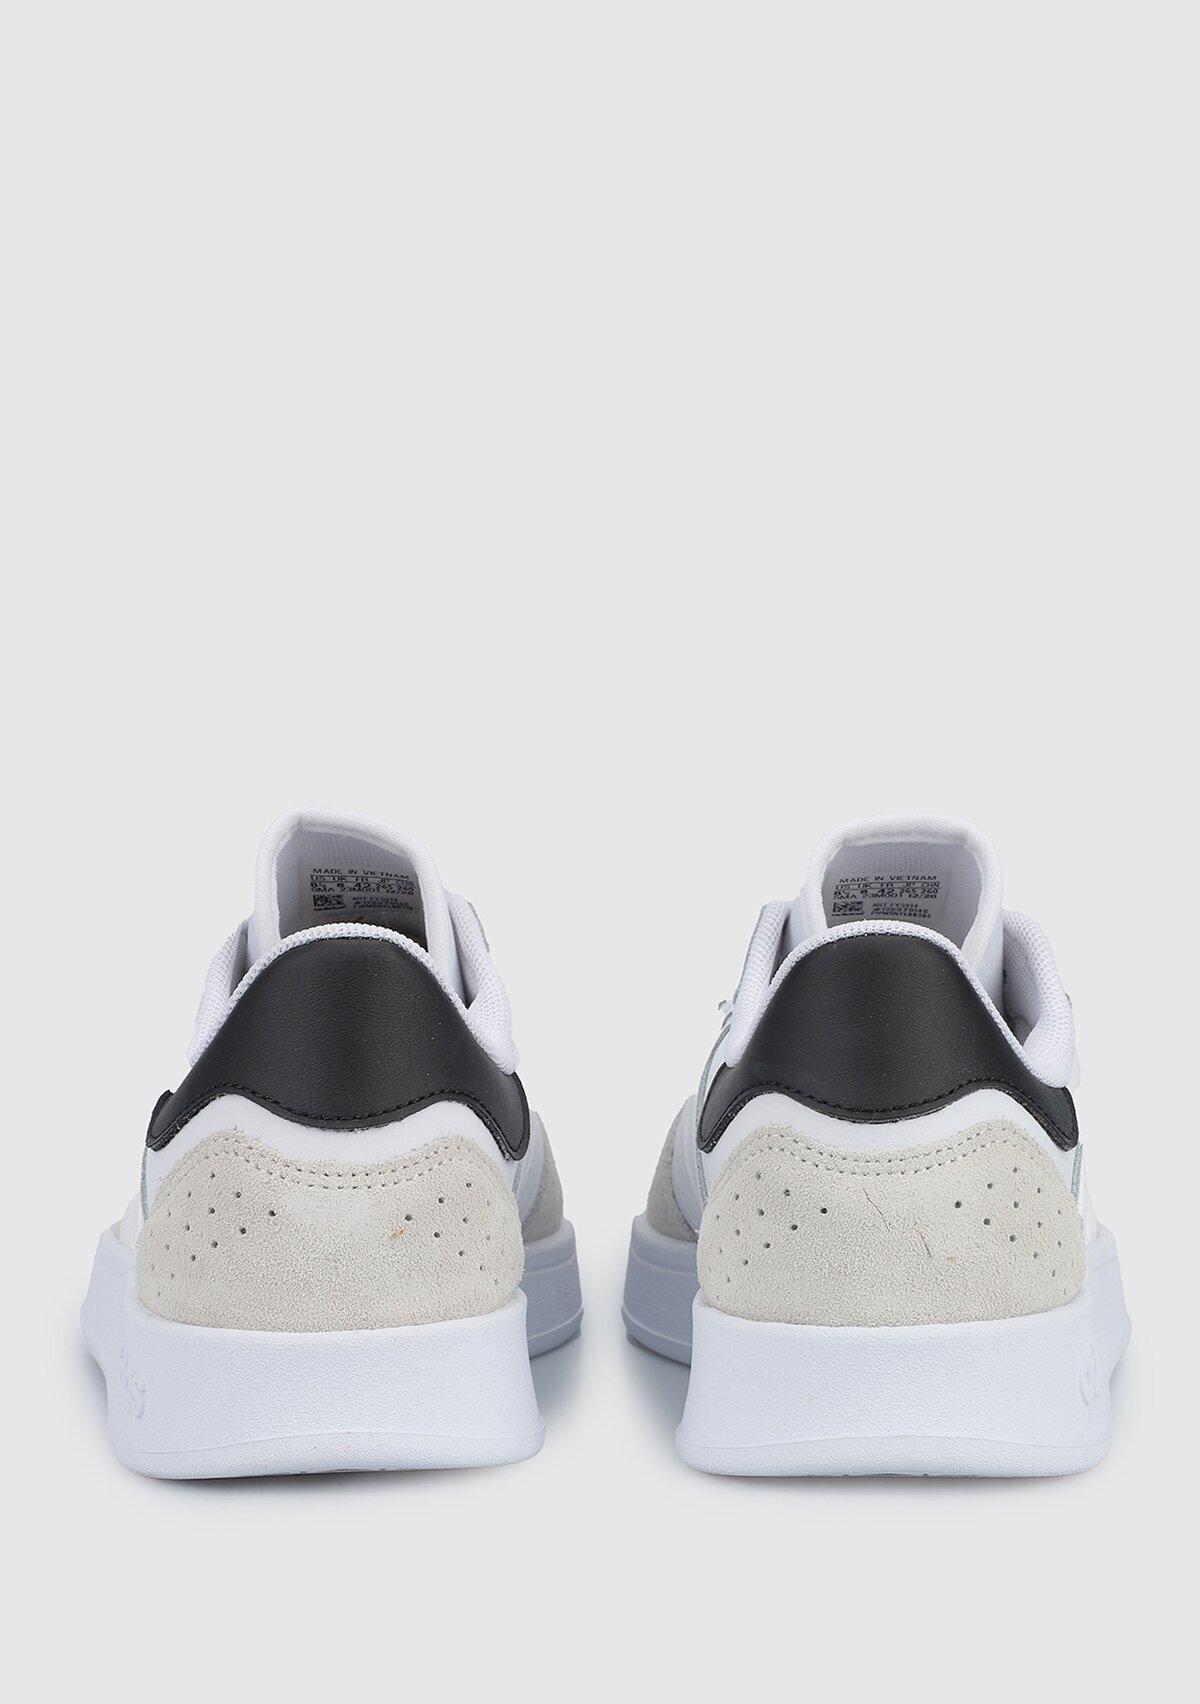 resm Breaknet Plus Beyaz Erkek Tenis Ayakkabısı FY5914